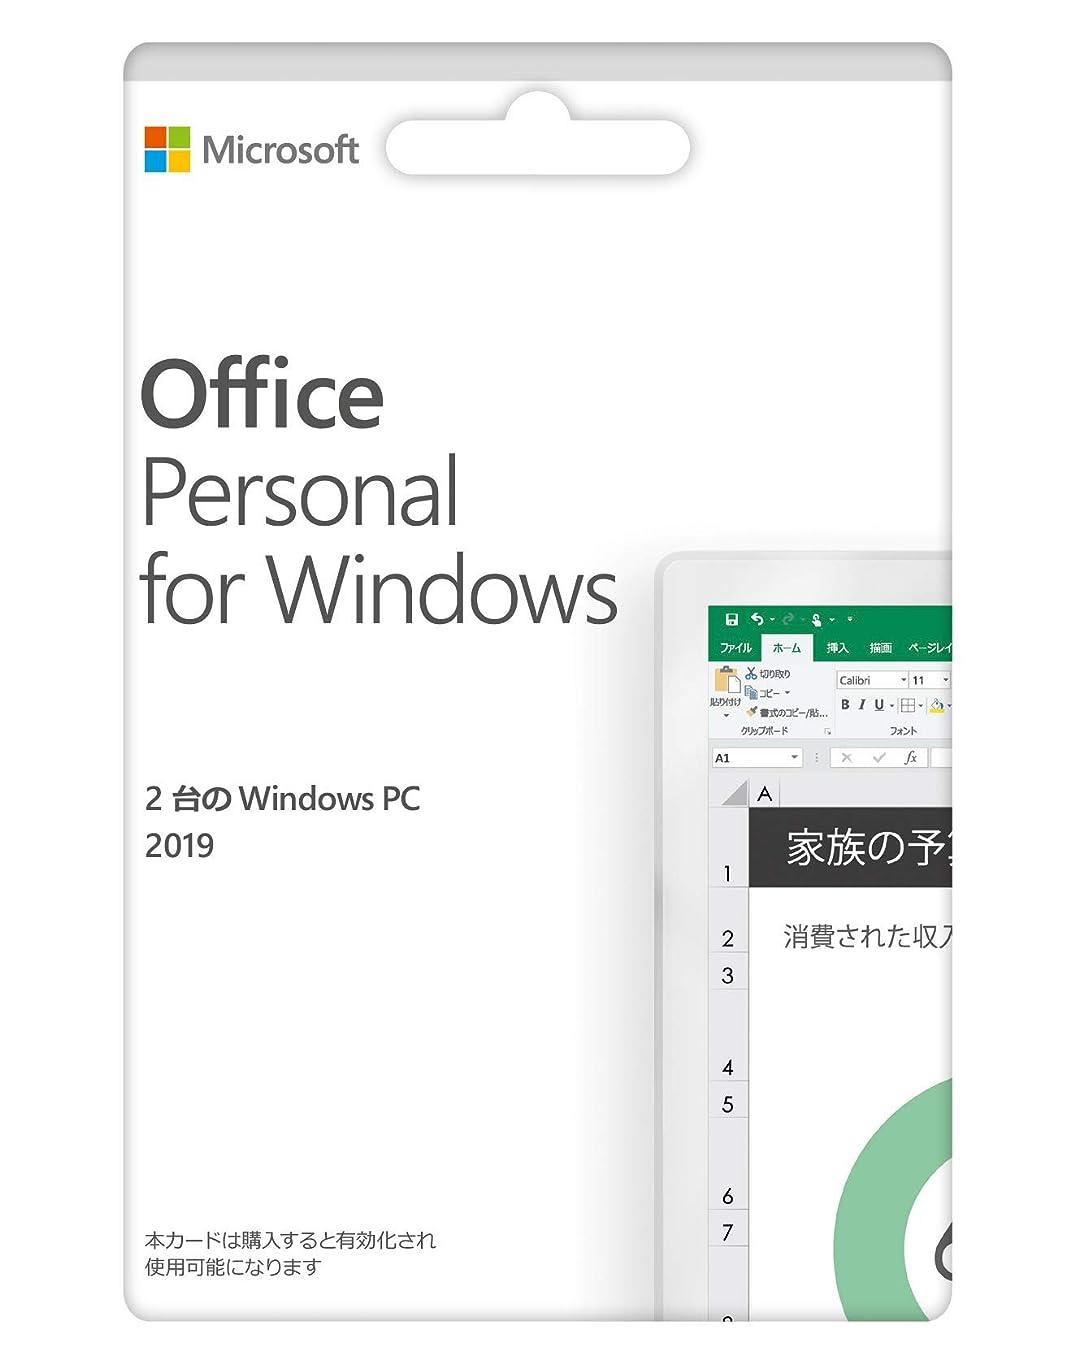 輪郭飽和するたるみ[法人専用] Office 365 Business | 月額版 | 購入後サポート付き | サブスクリプション (定期購入)